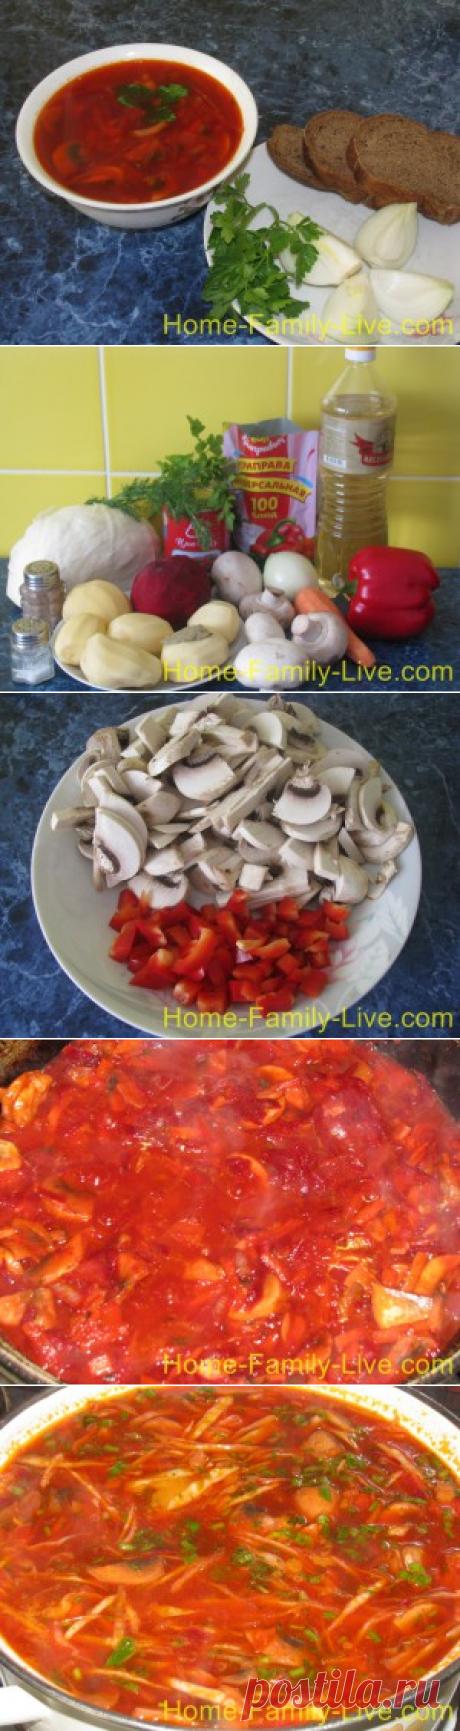 постный борщ с грибами - пошаговый фоторецептКулинарные рецепты